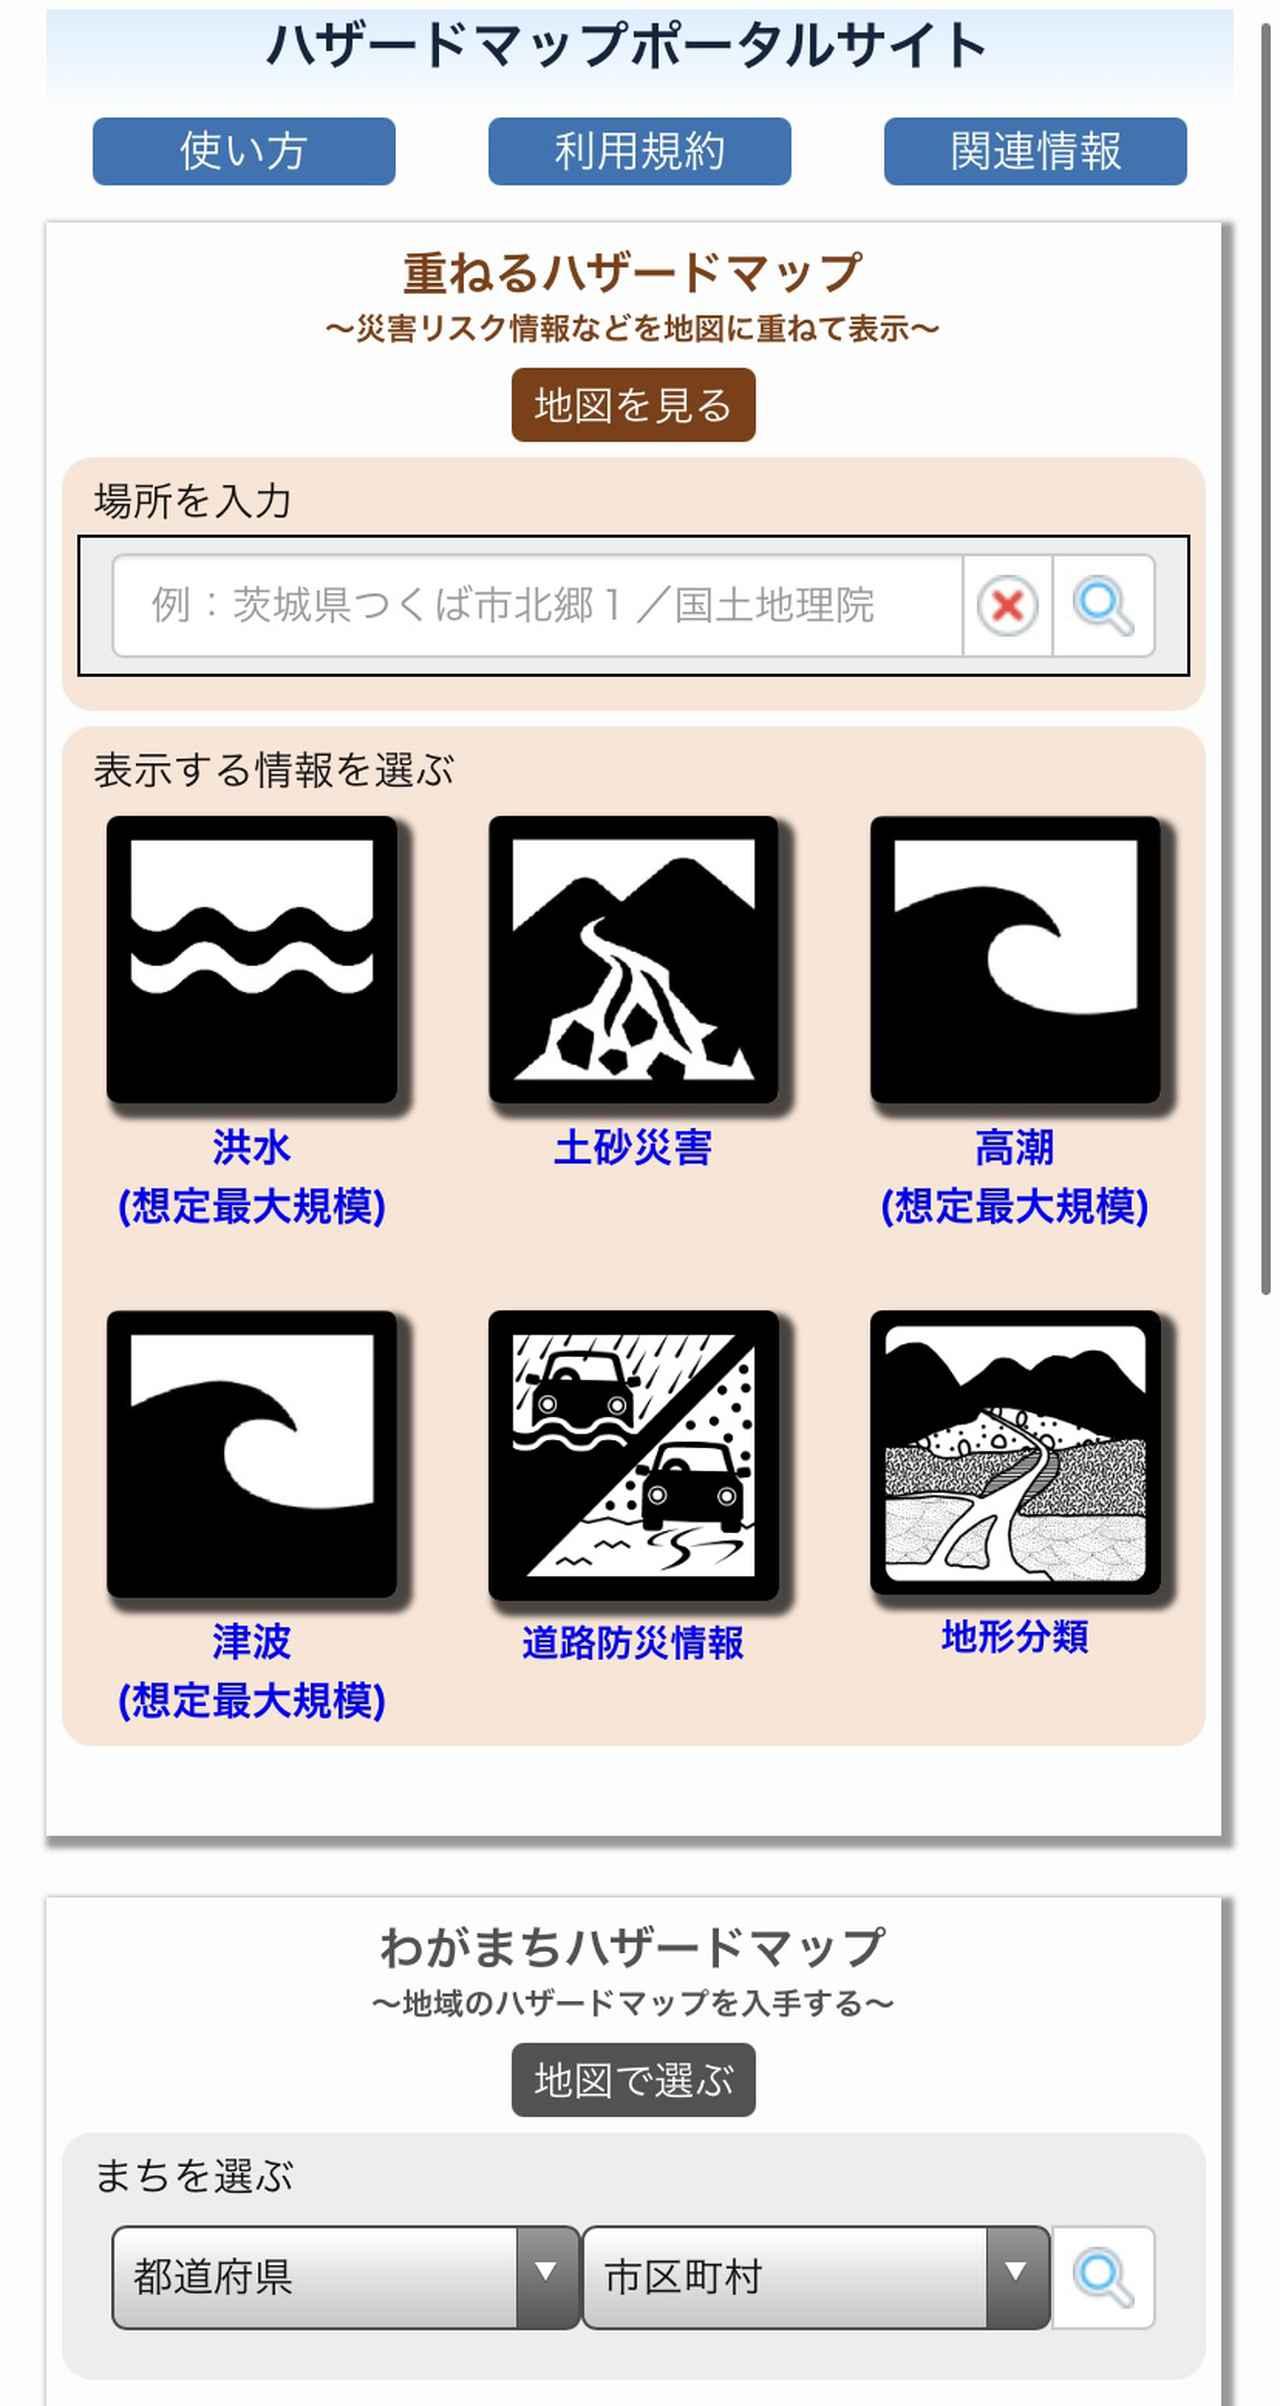 画像: インターネット上で全国の災害リスク情報を調べられる「重ねるハザードマップ」/各地域発行のハザードマップにアクセスできる「わがまちハザードマップ」 ハザードマップポータルサイト(国土交通省)